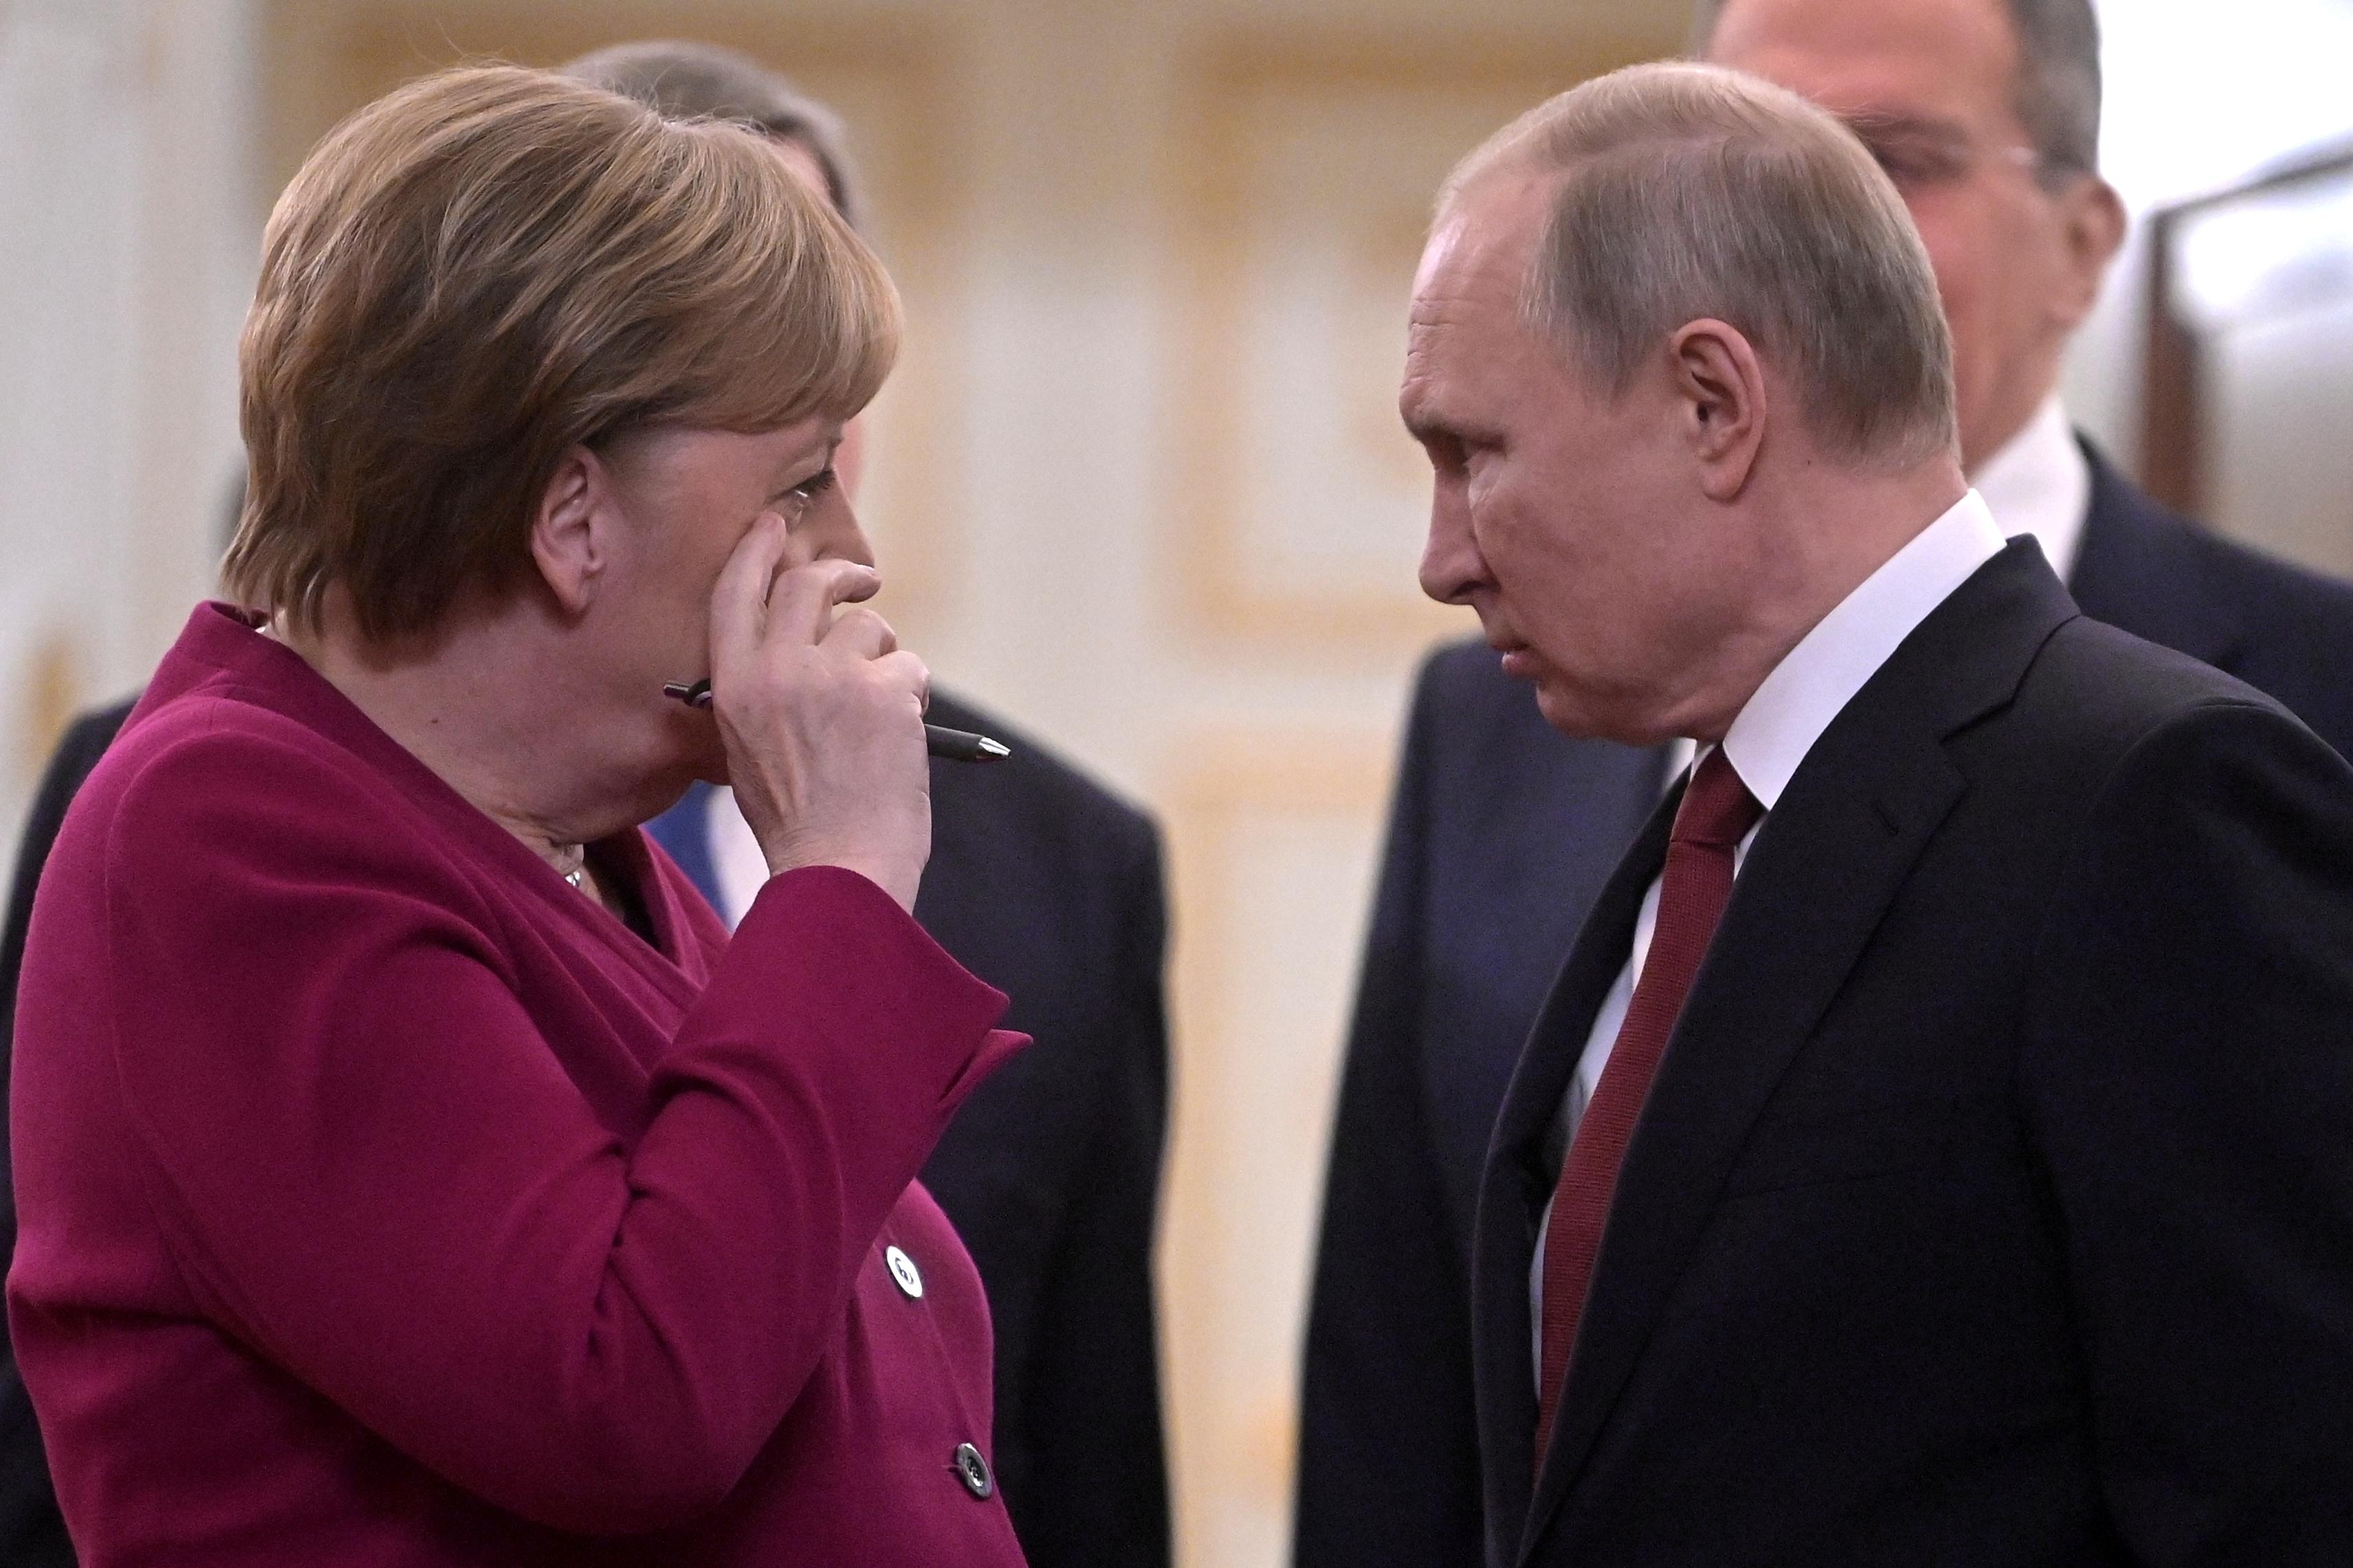 Εμβόλιο κατά του κορονοϊού θέλουν να φτιάξουν Μέρκελ και Πούτιν